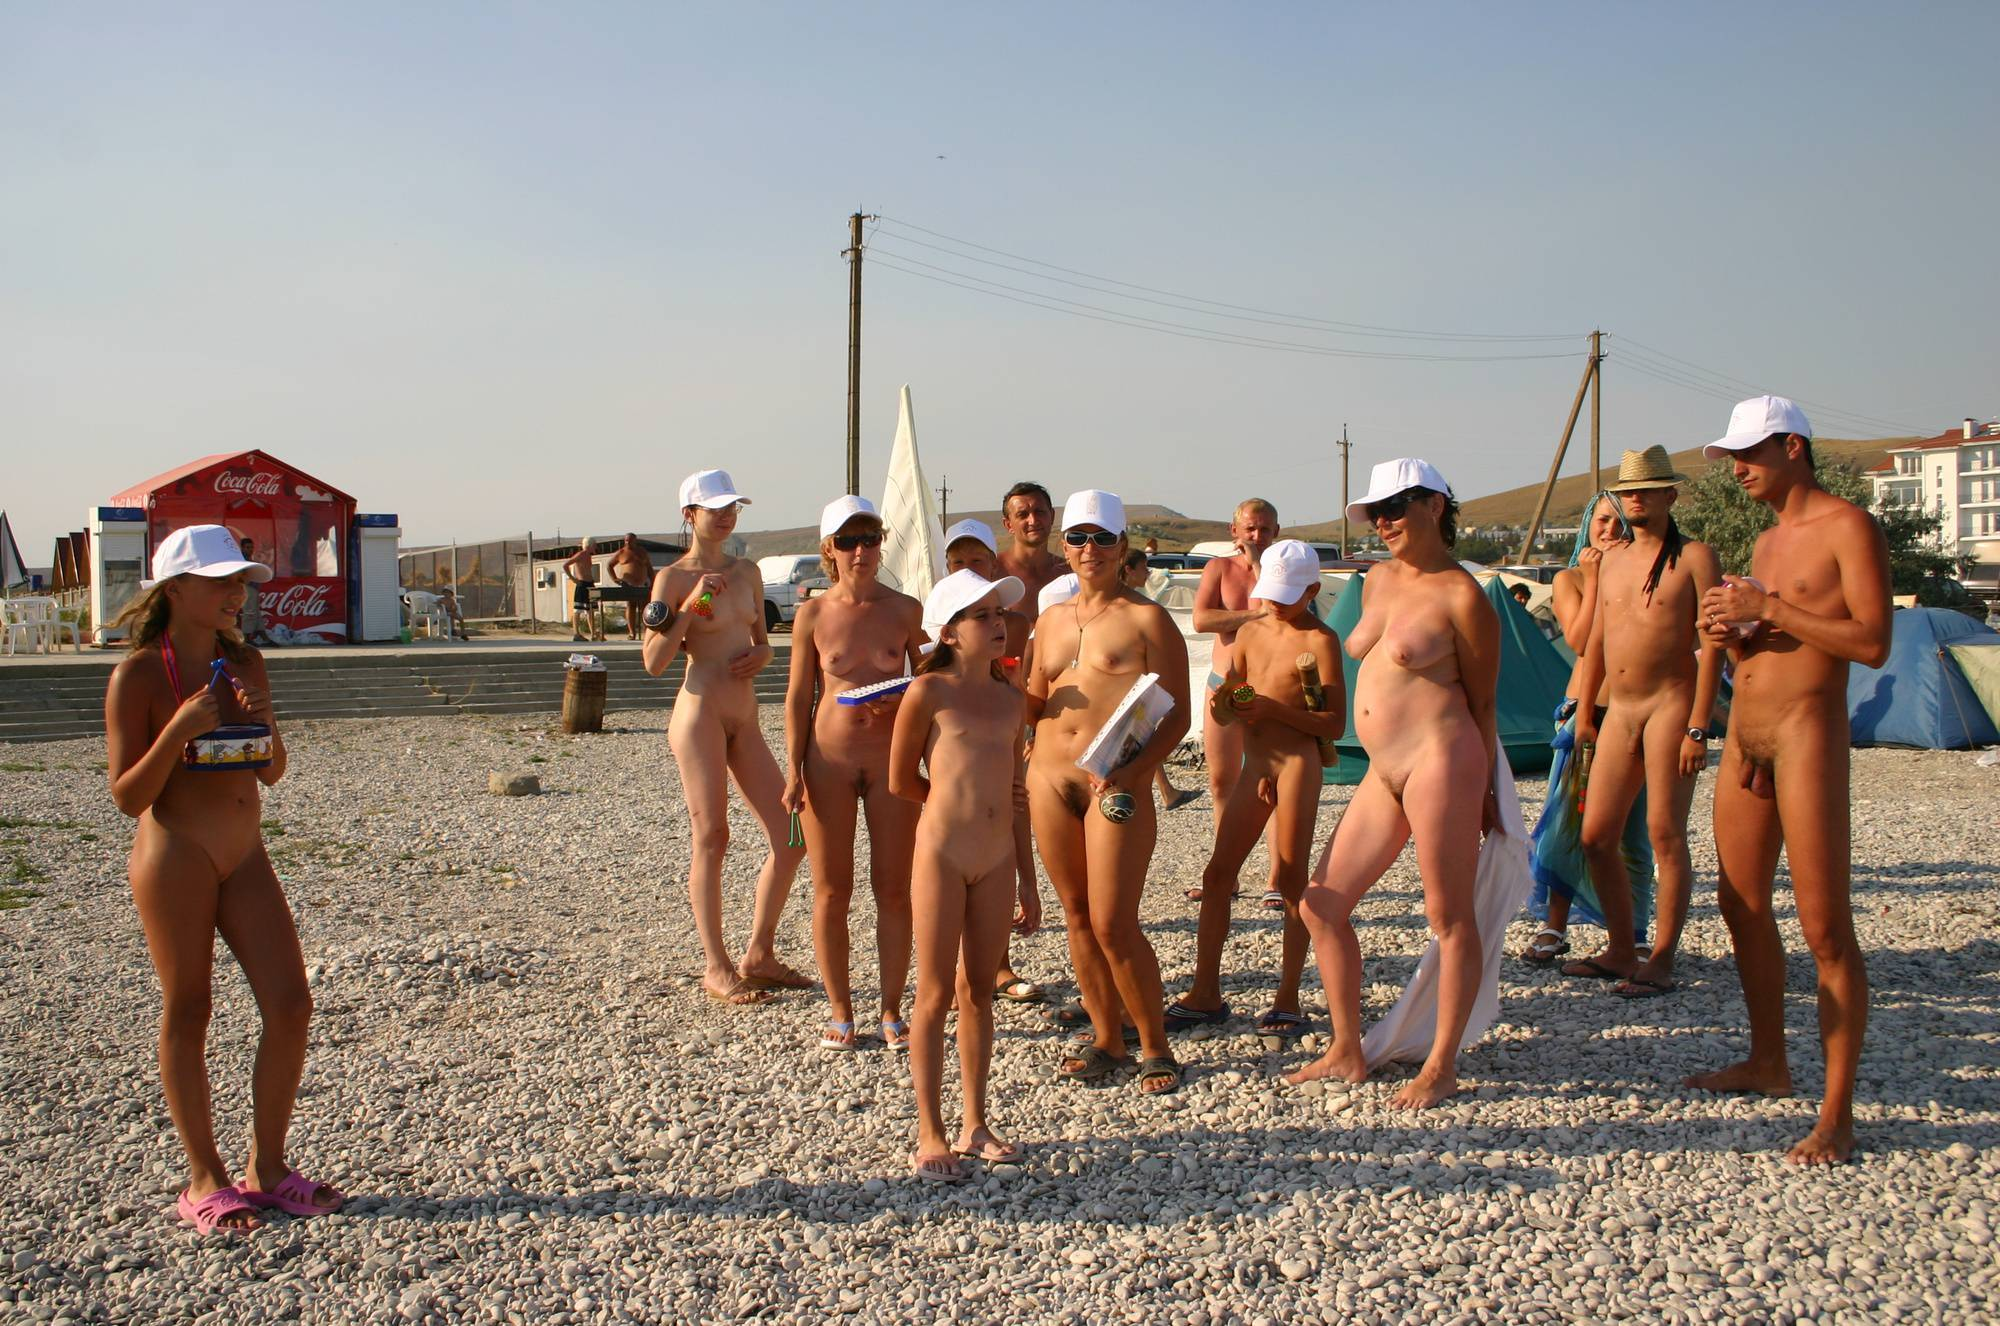 Nudist Pics Nudist Family Flag Parade - 1